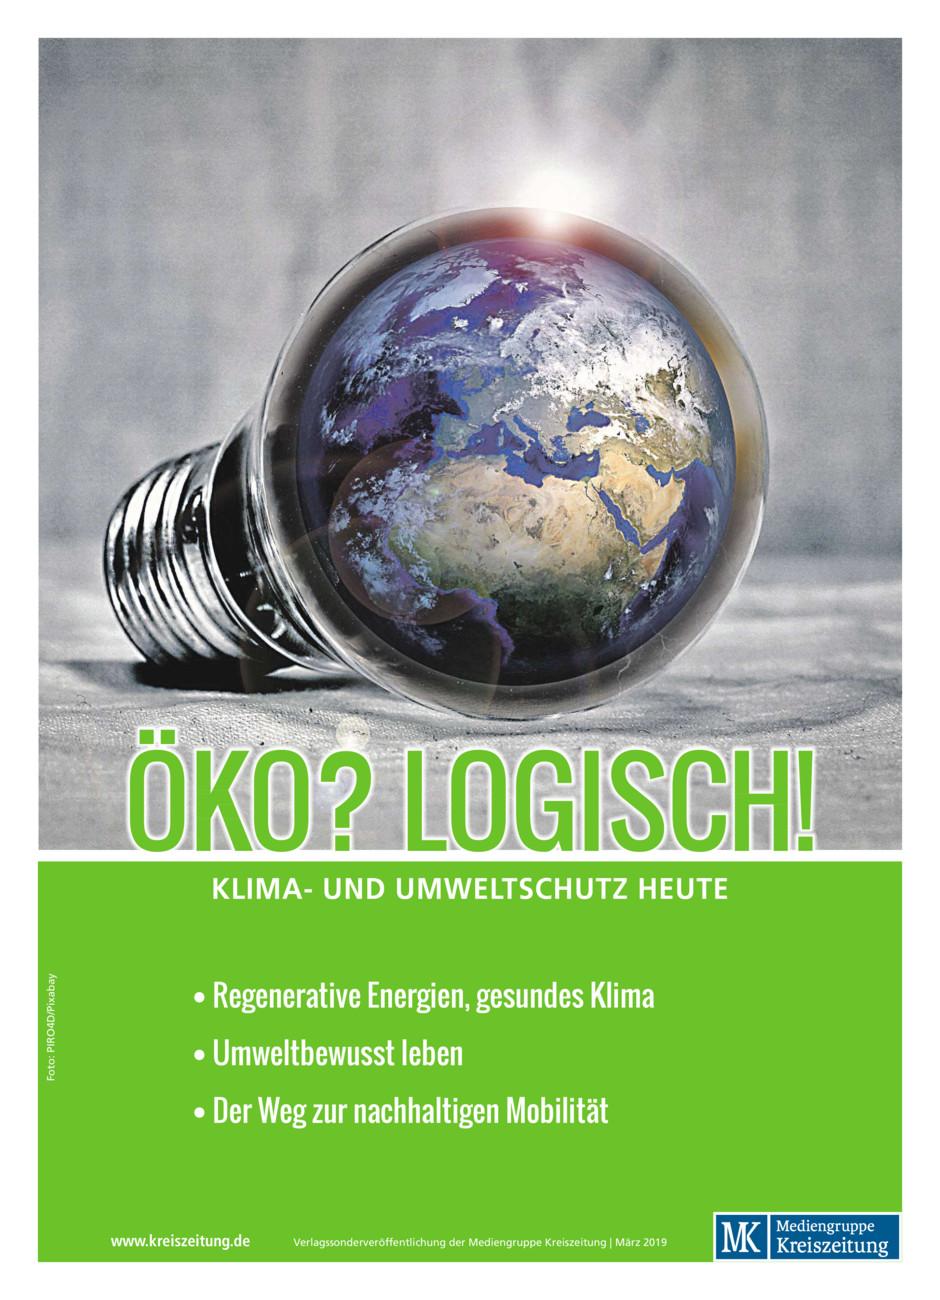 Öko?Logisch! - Das Umweltmagazin vom Freitag, 15.03.2019